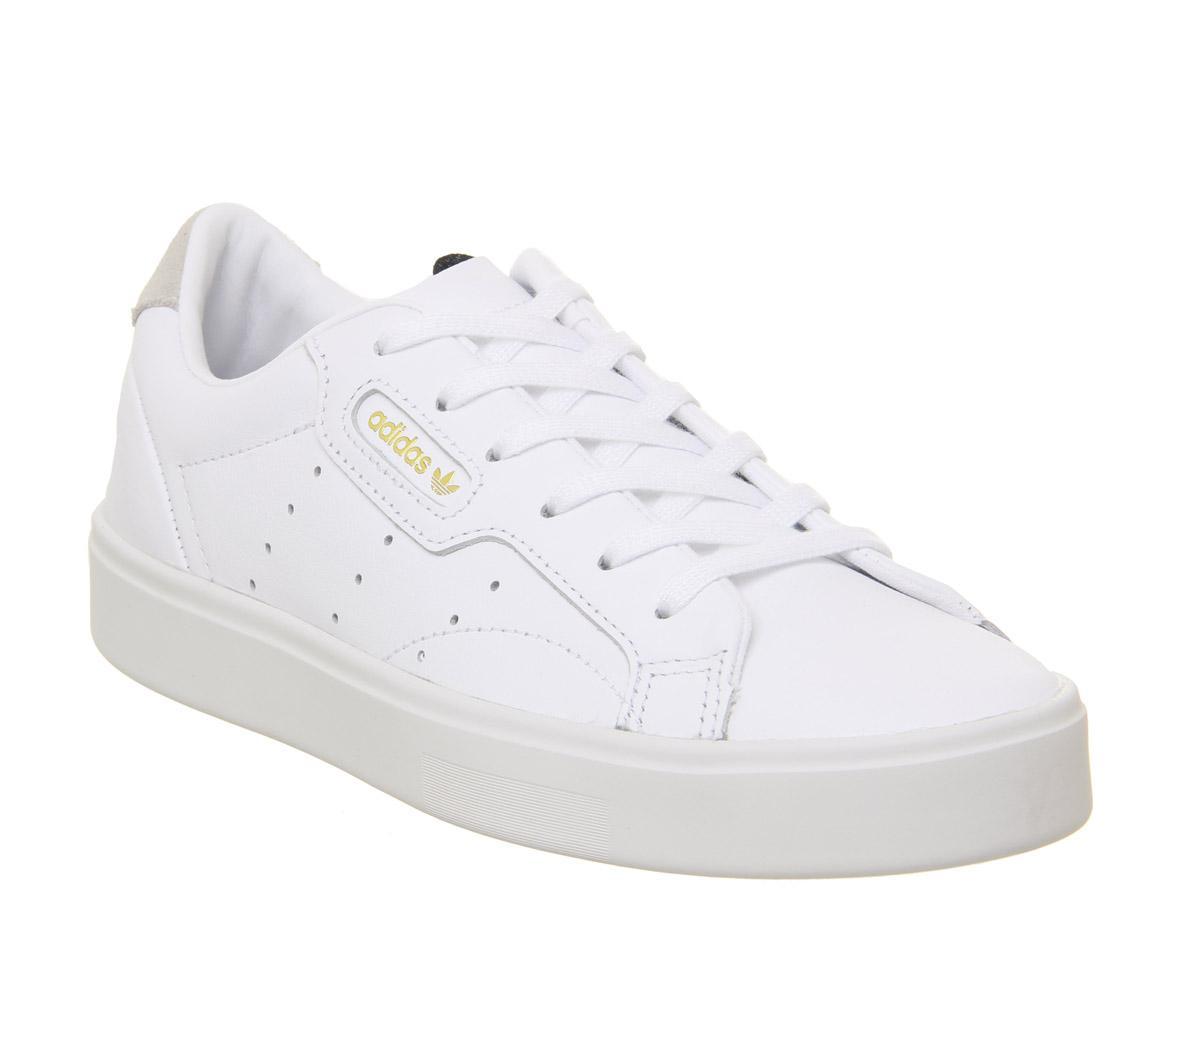 adidas Sleek Schuhe günstig online kaufen | LadenZeile